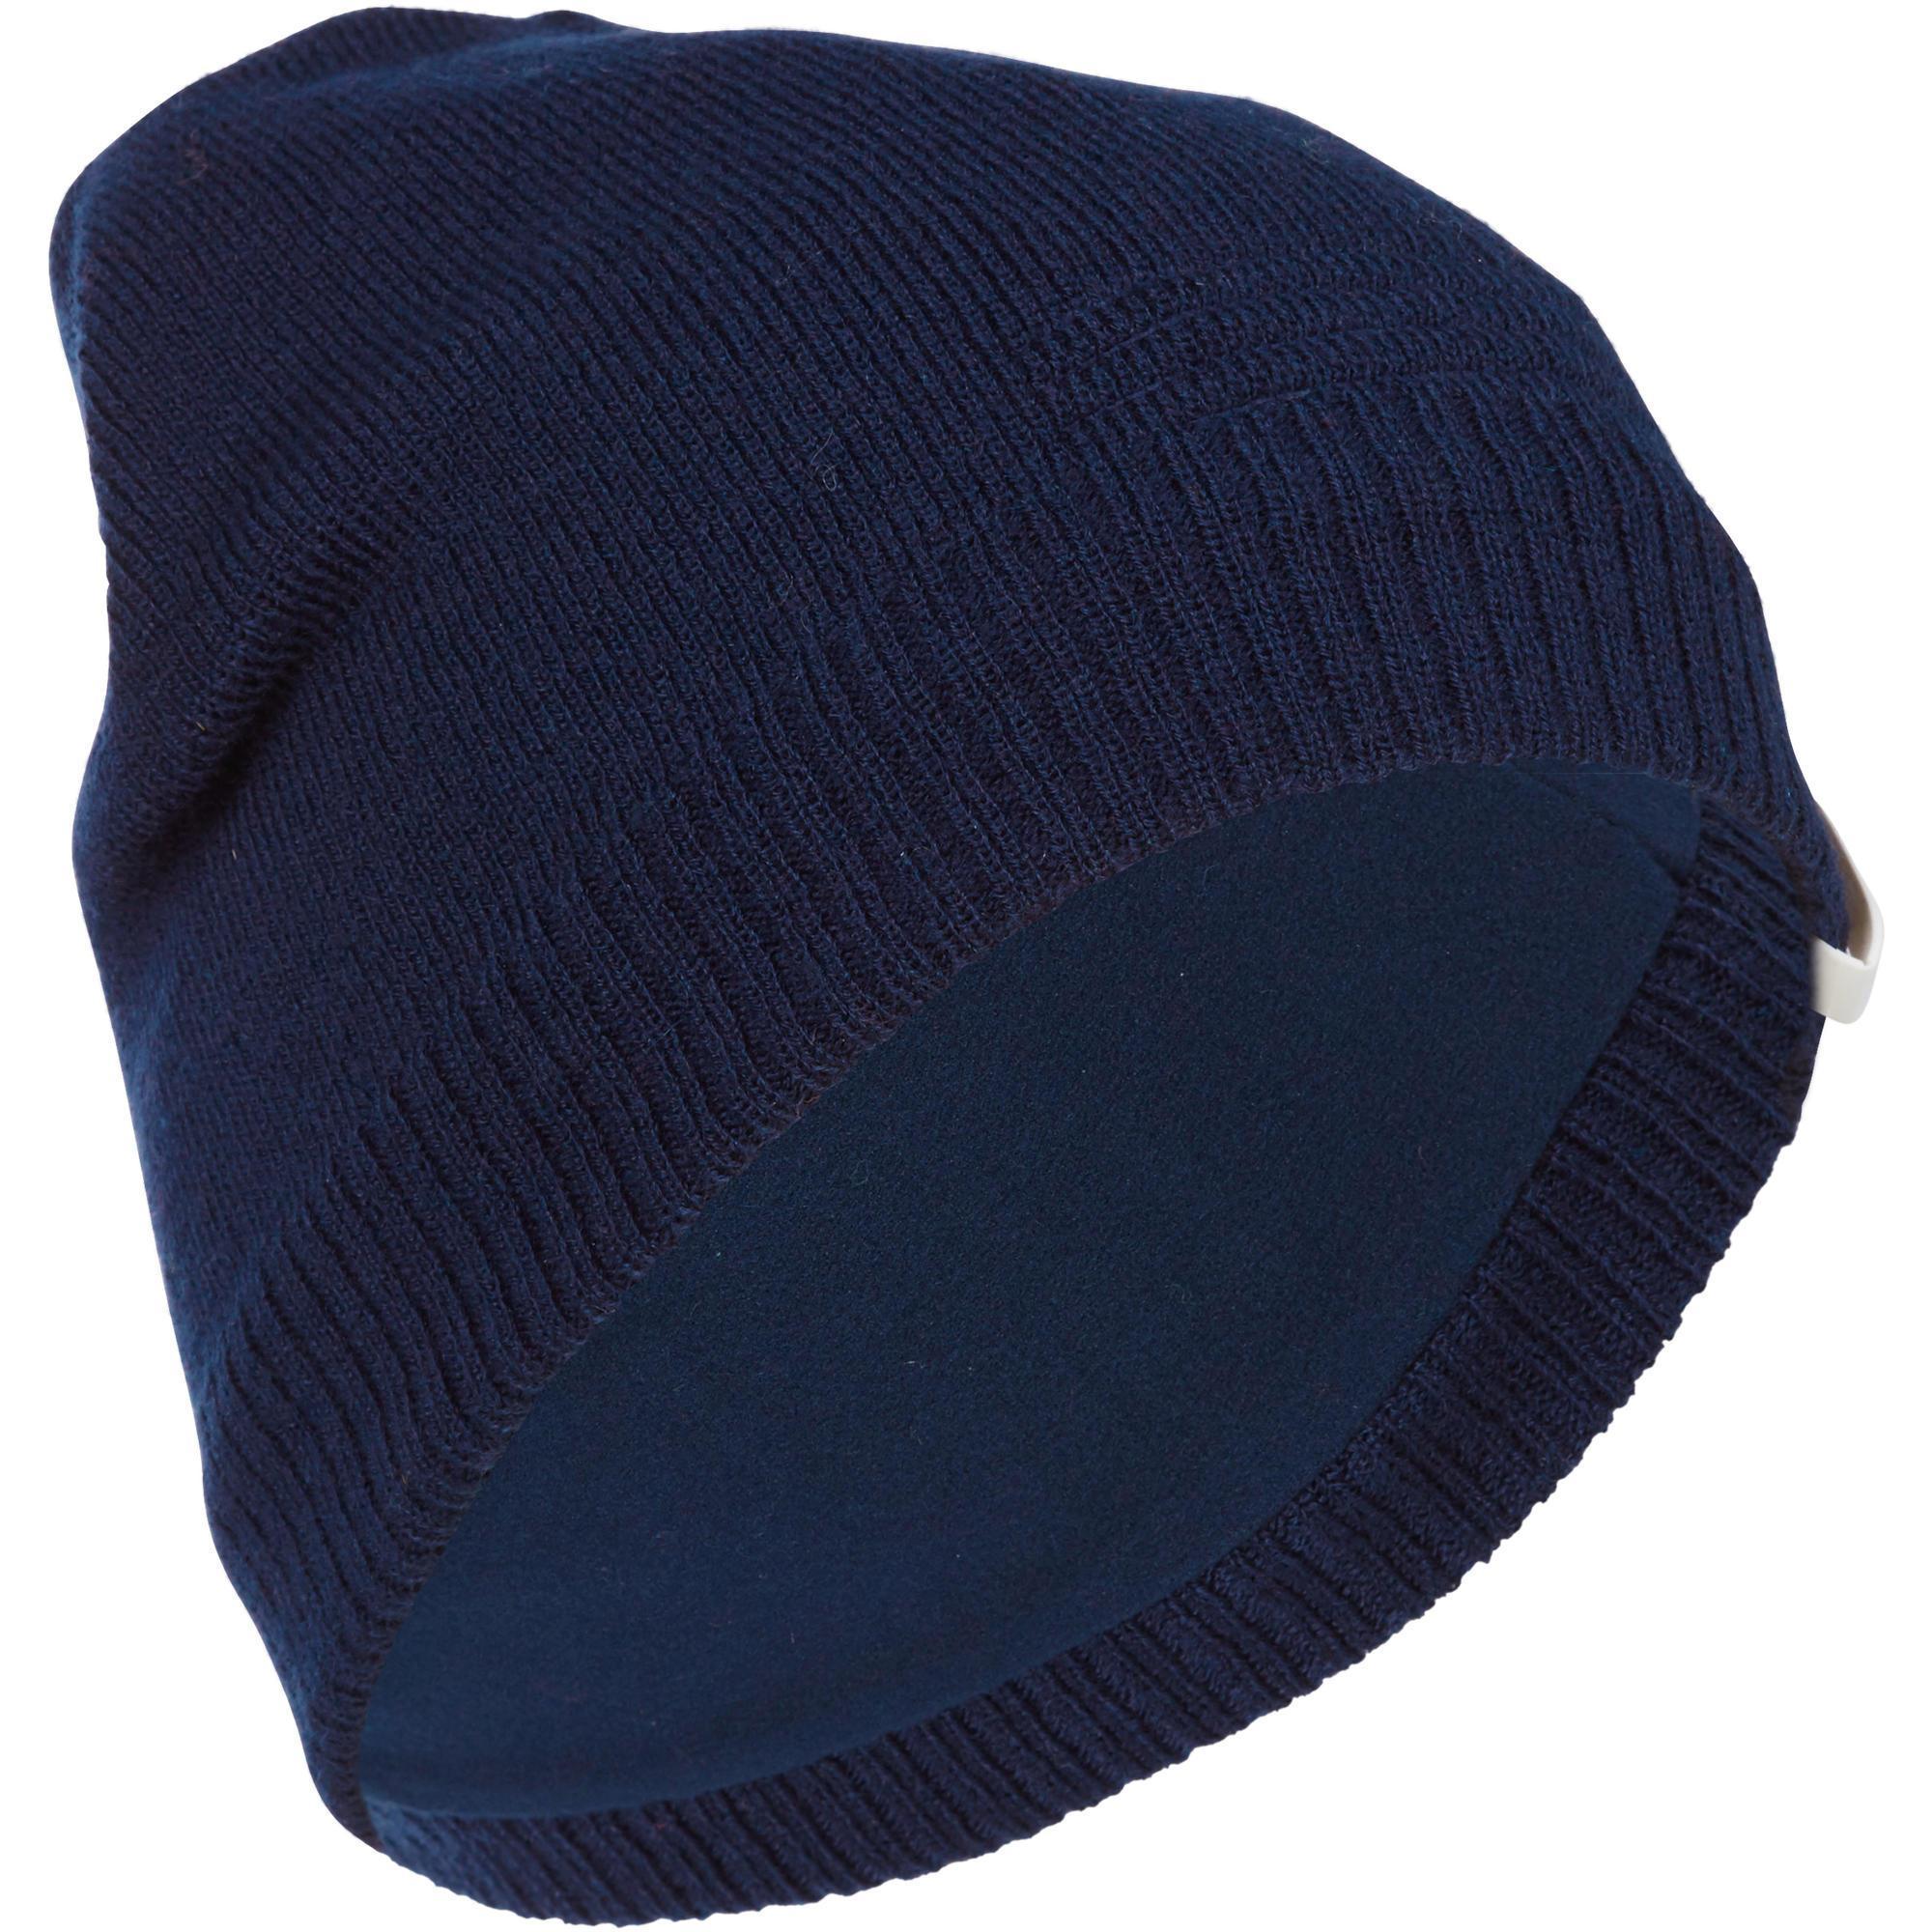 Skimütze Pure Erwachsene marineblau | Accessoires > Mützen > Skimützen | Blau | Wed'ze